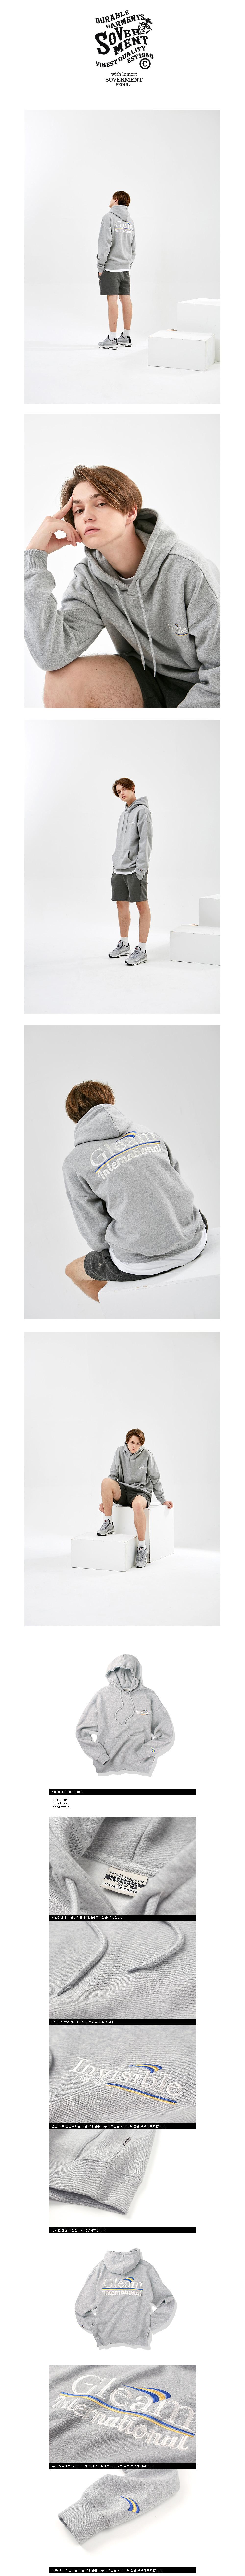 소버먼트 위드 로모트(SOVERMENT WITH LOMORT) 950g inbisible hoody-grey-